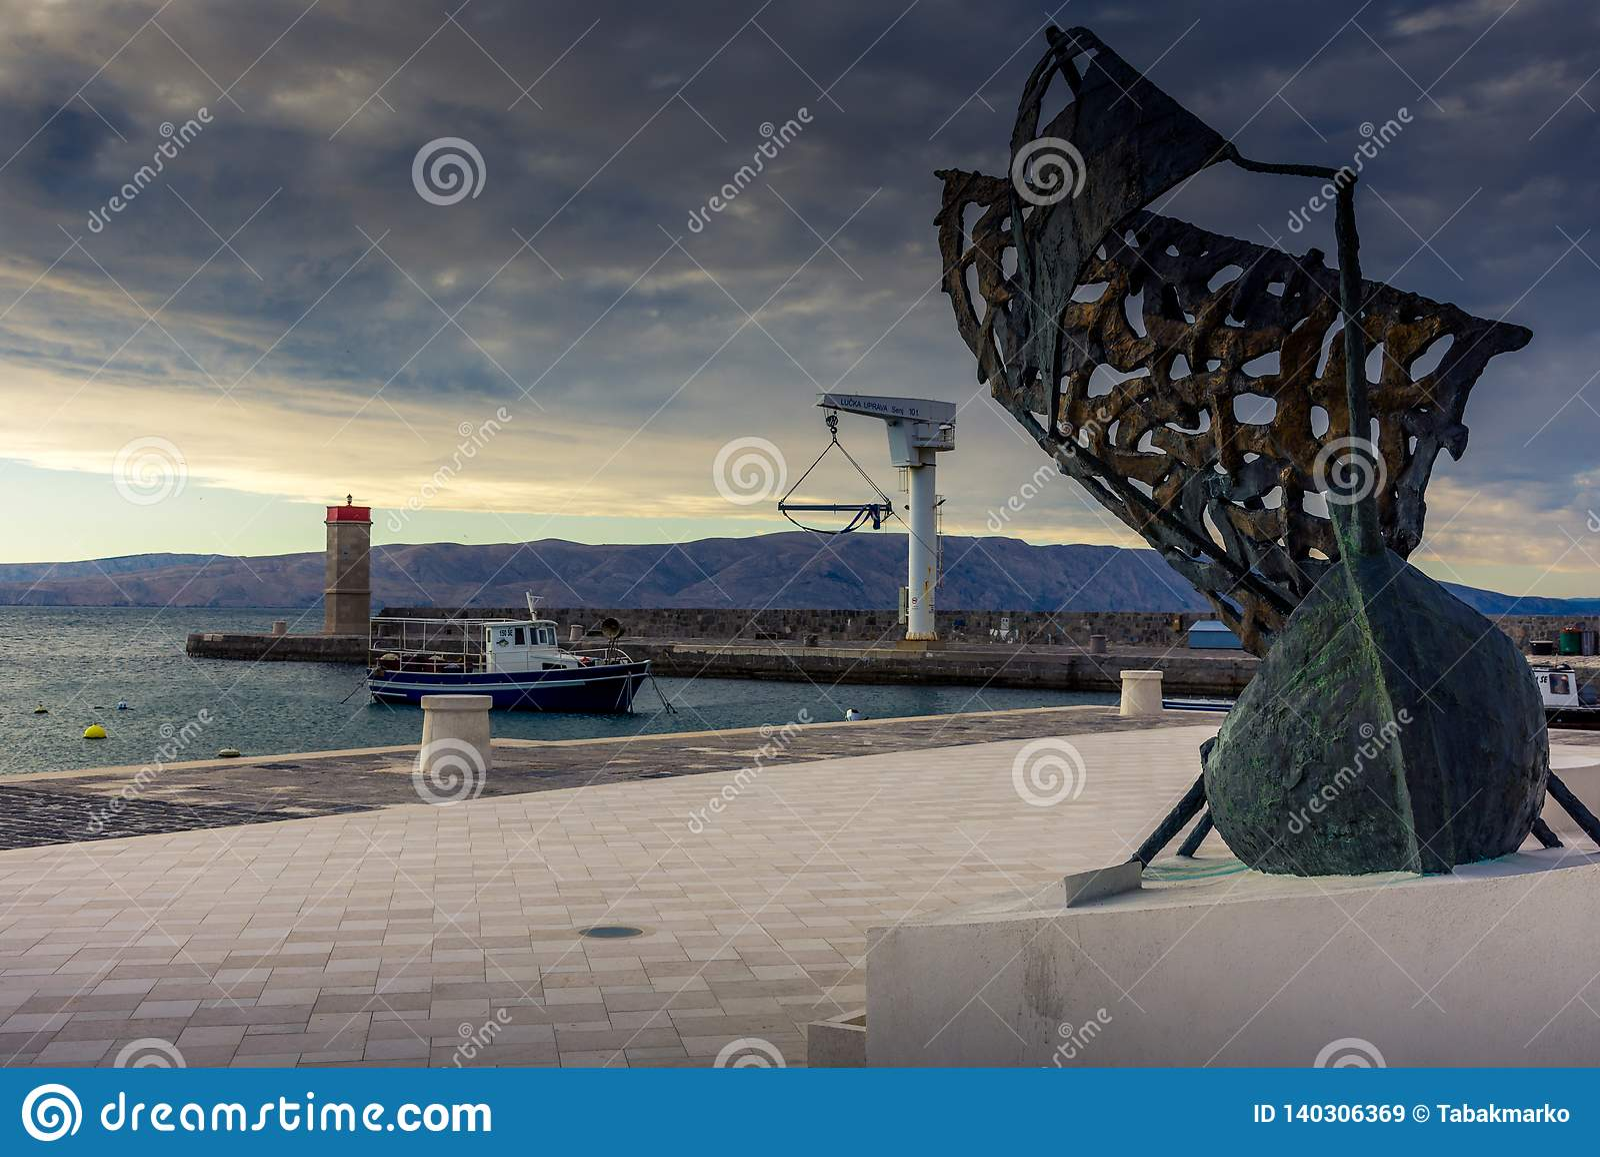 Un barco en un puerto con una estatua de un barco de navegación en primero plano